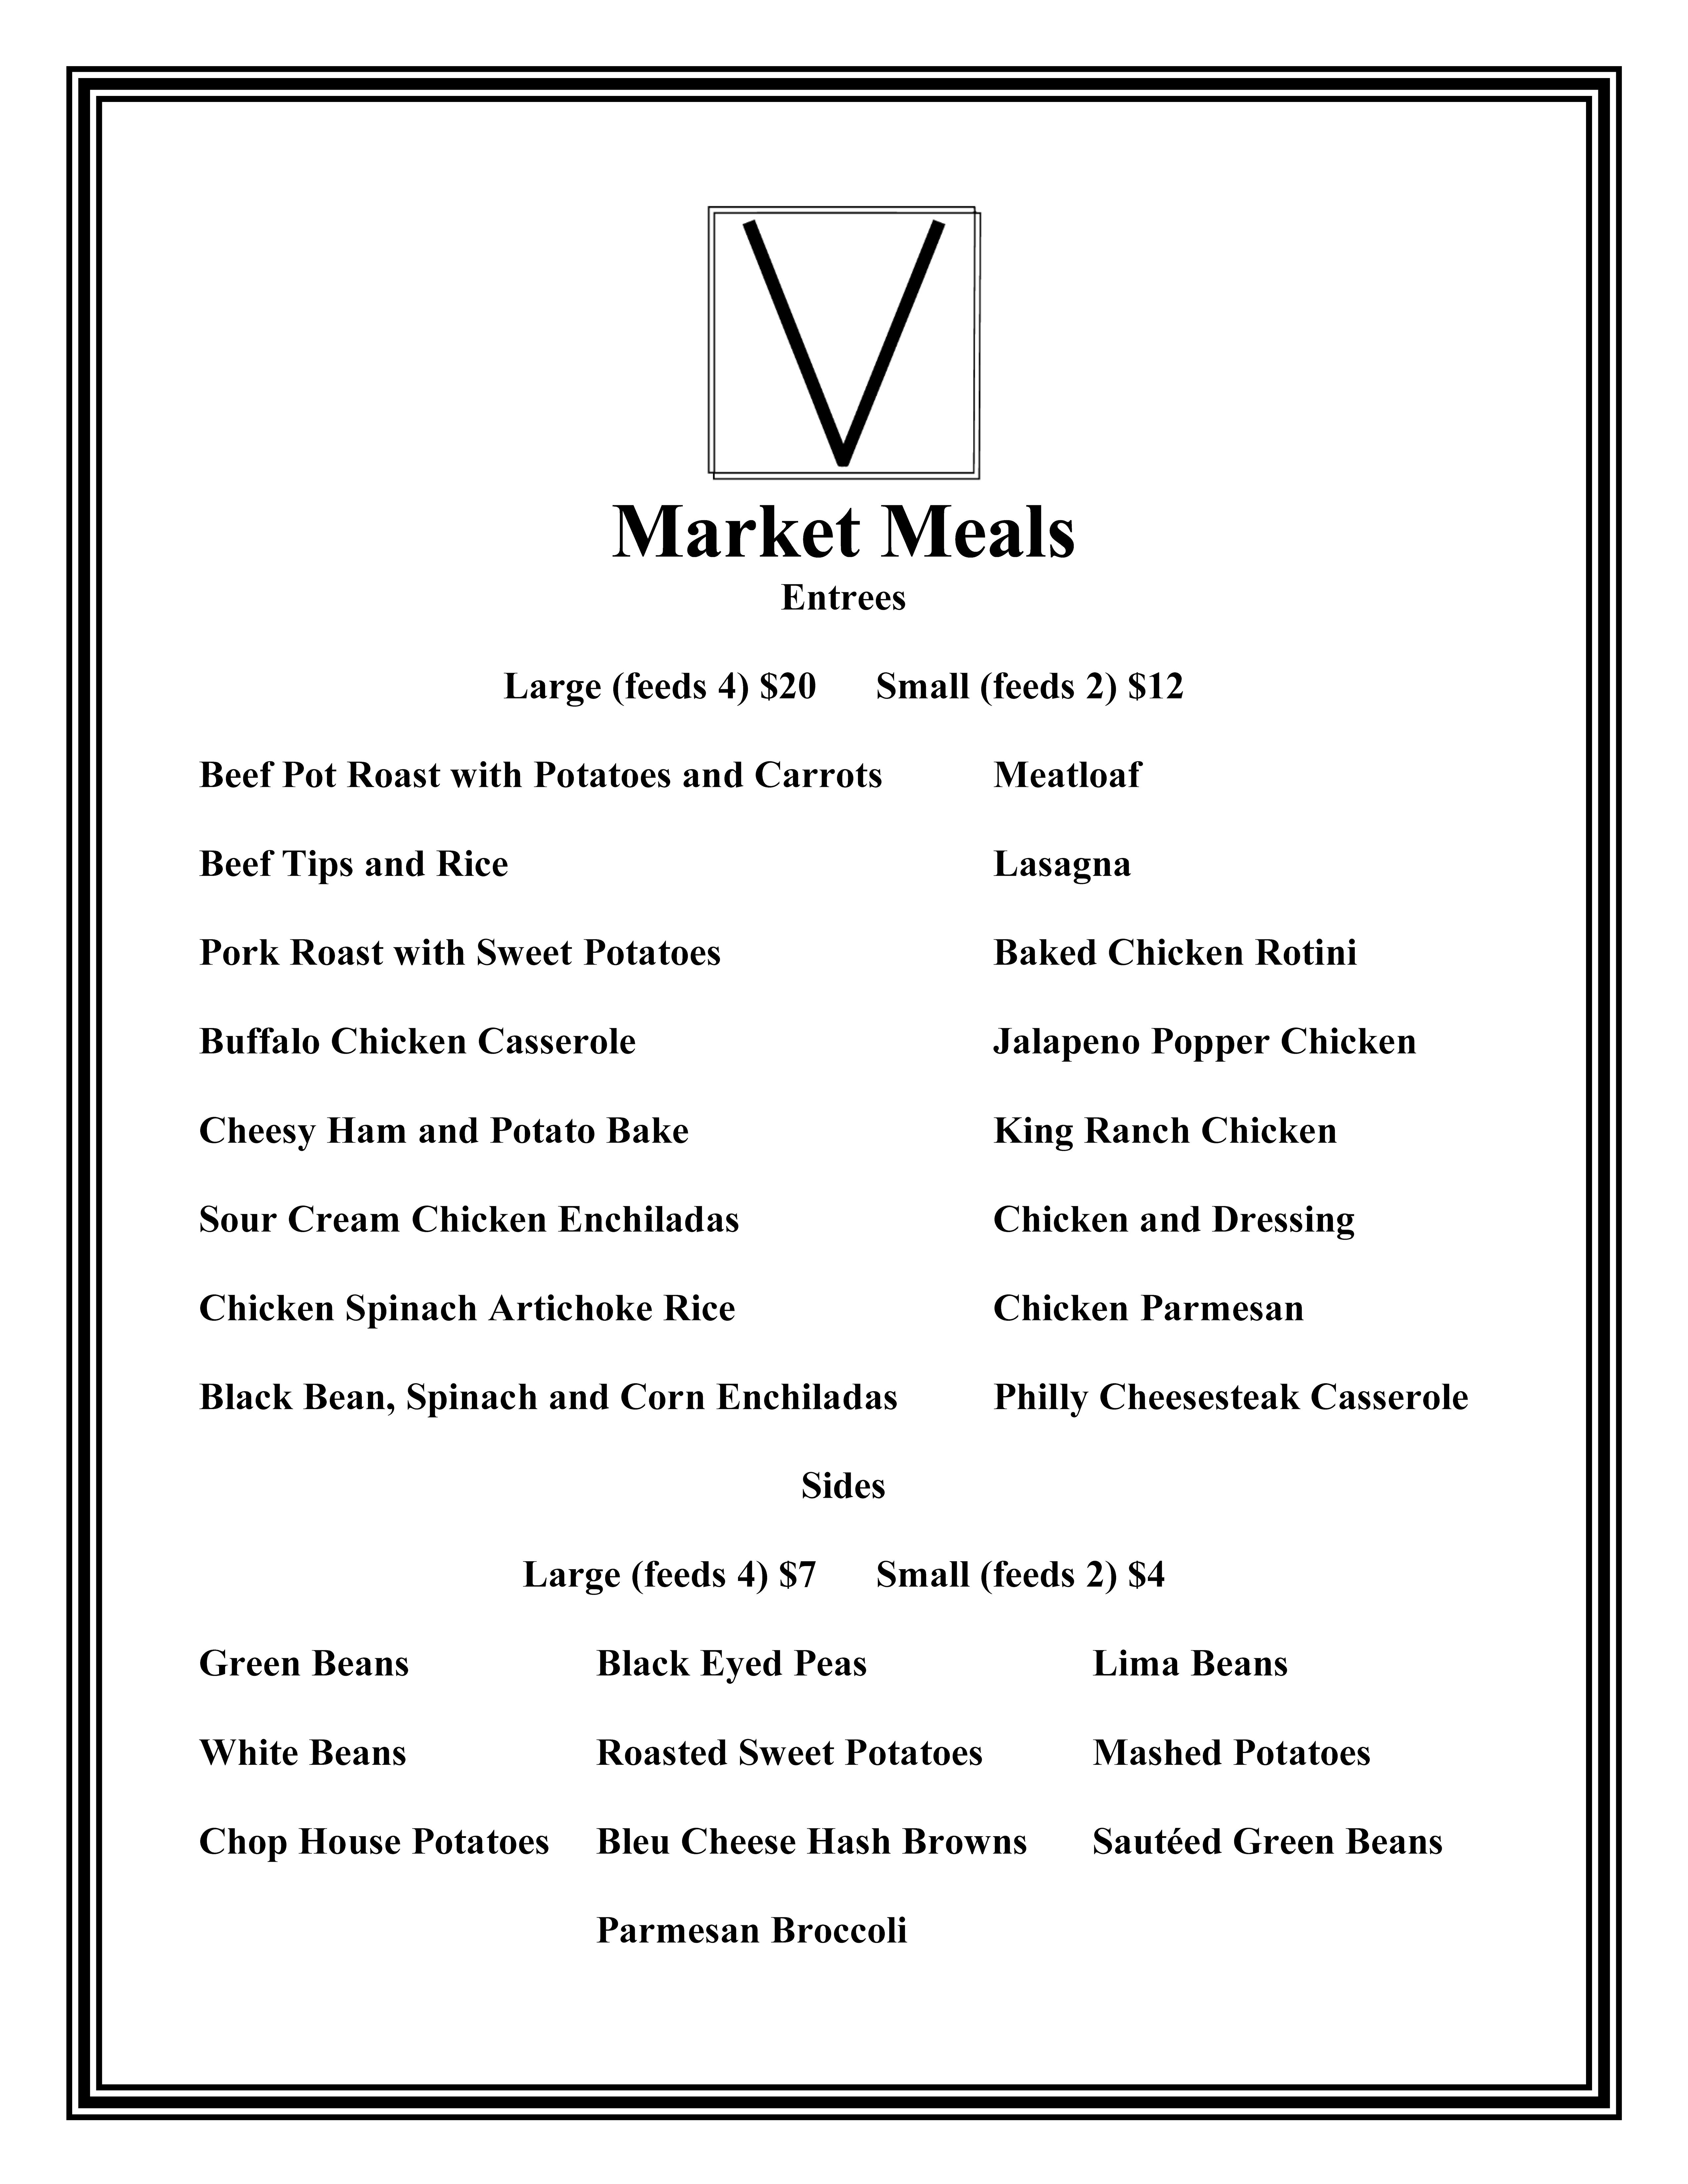 Market Meals Menu, Vicari Italian Grill